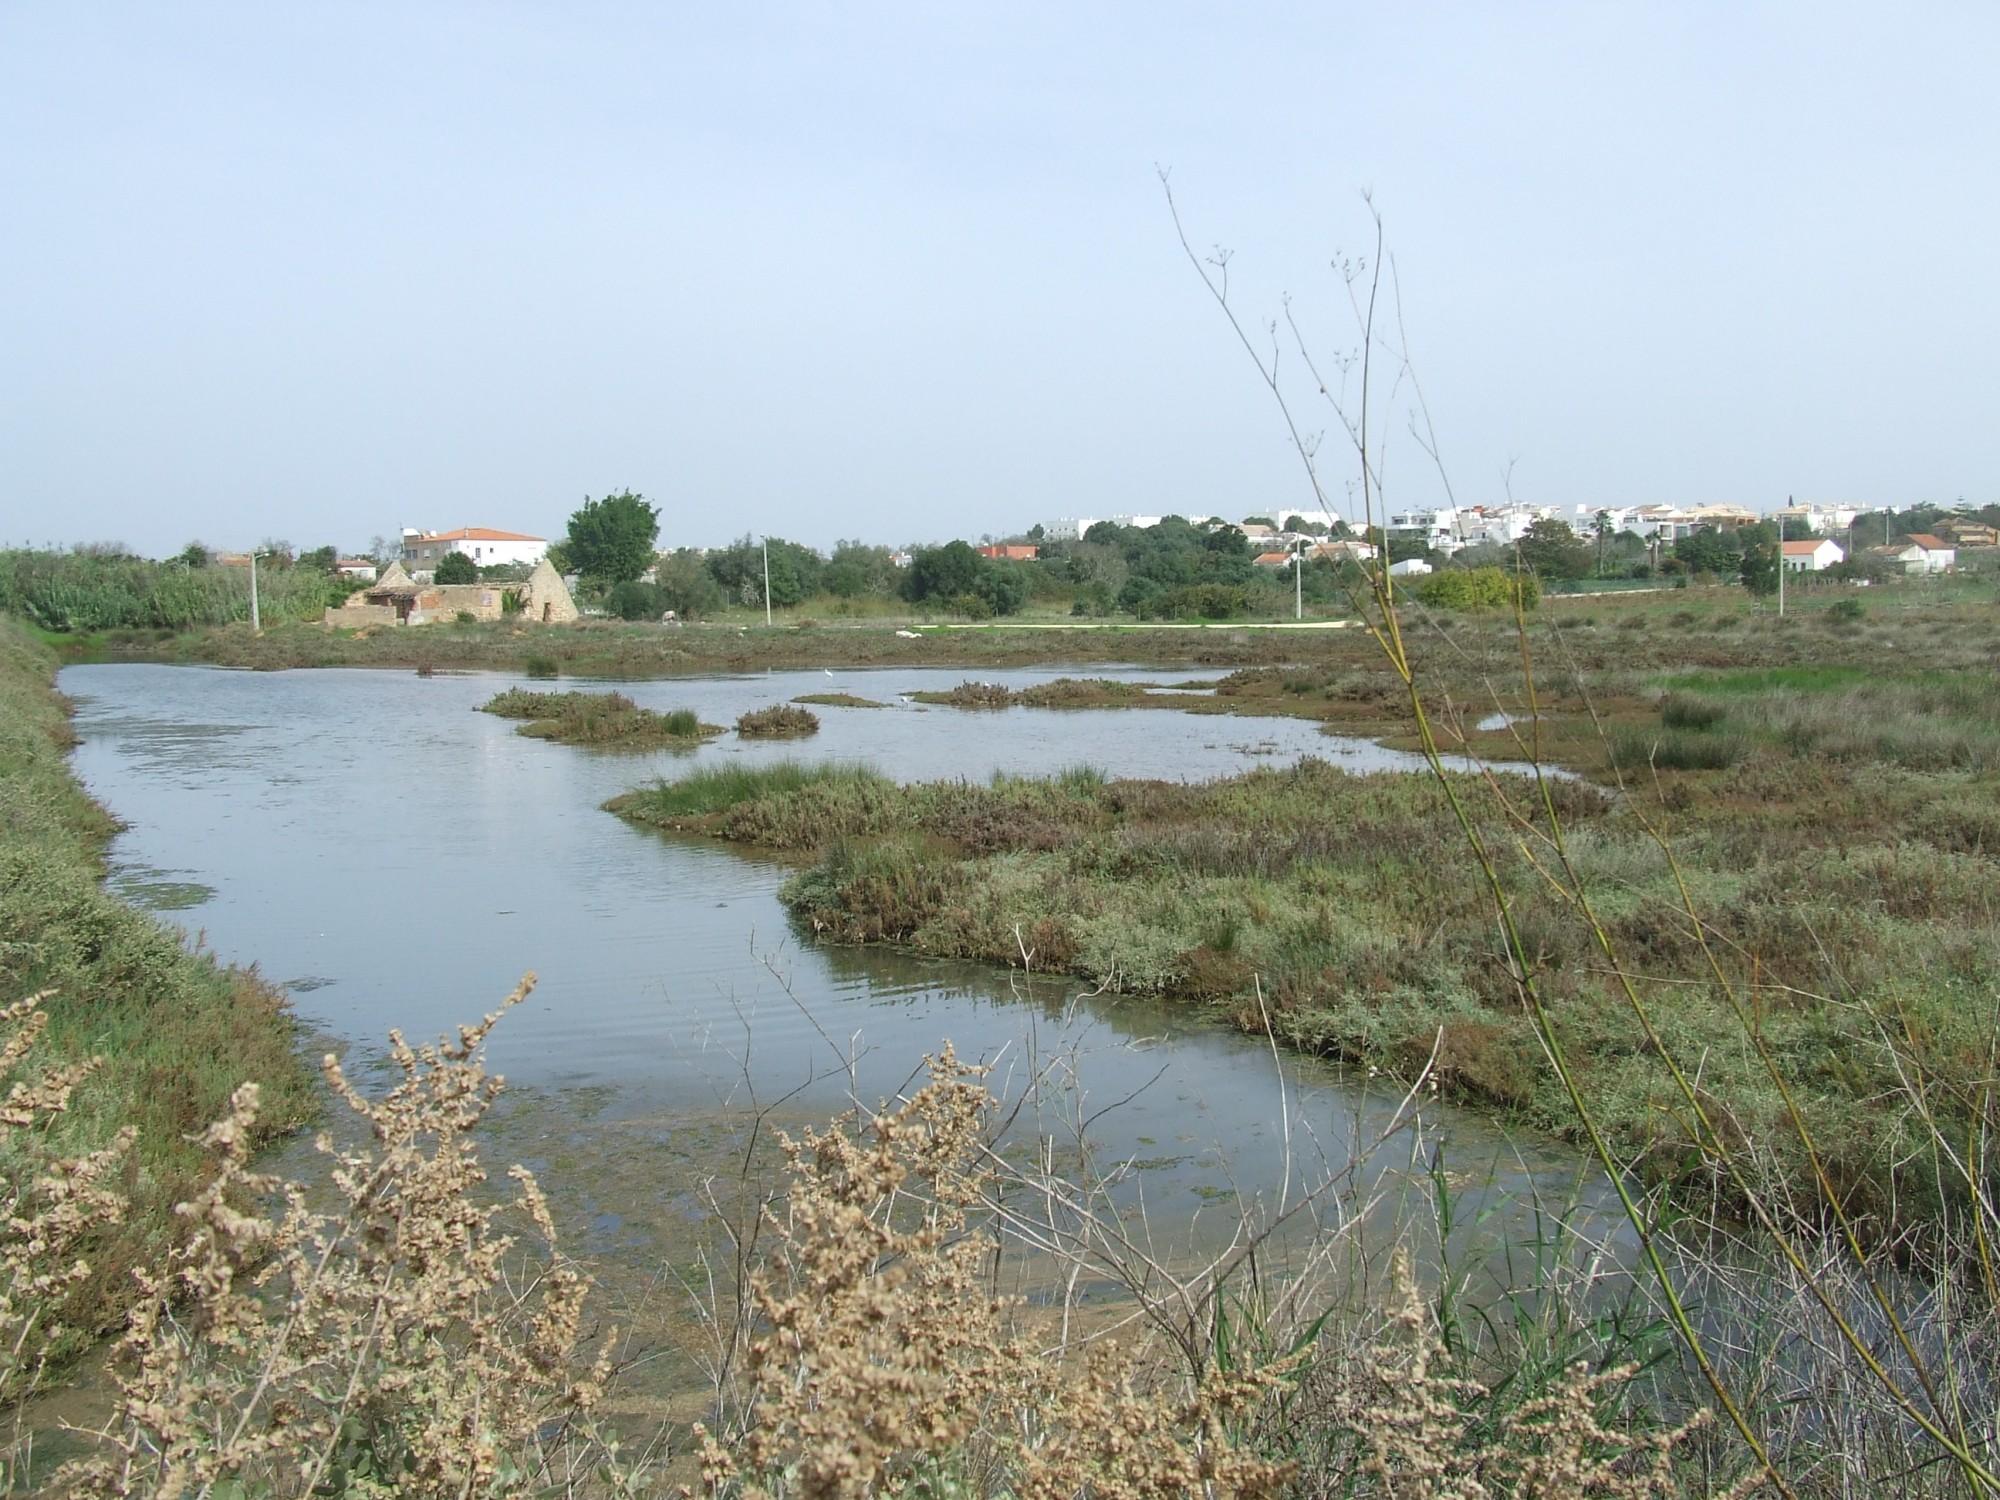 A marshland